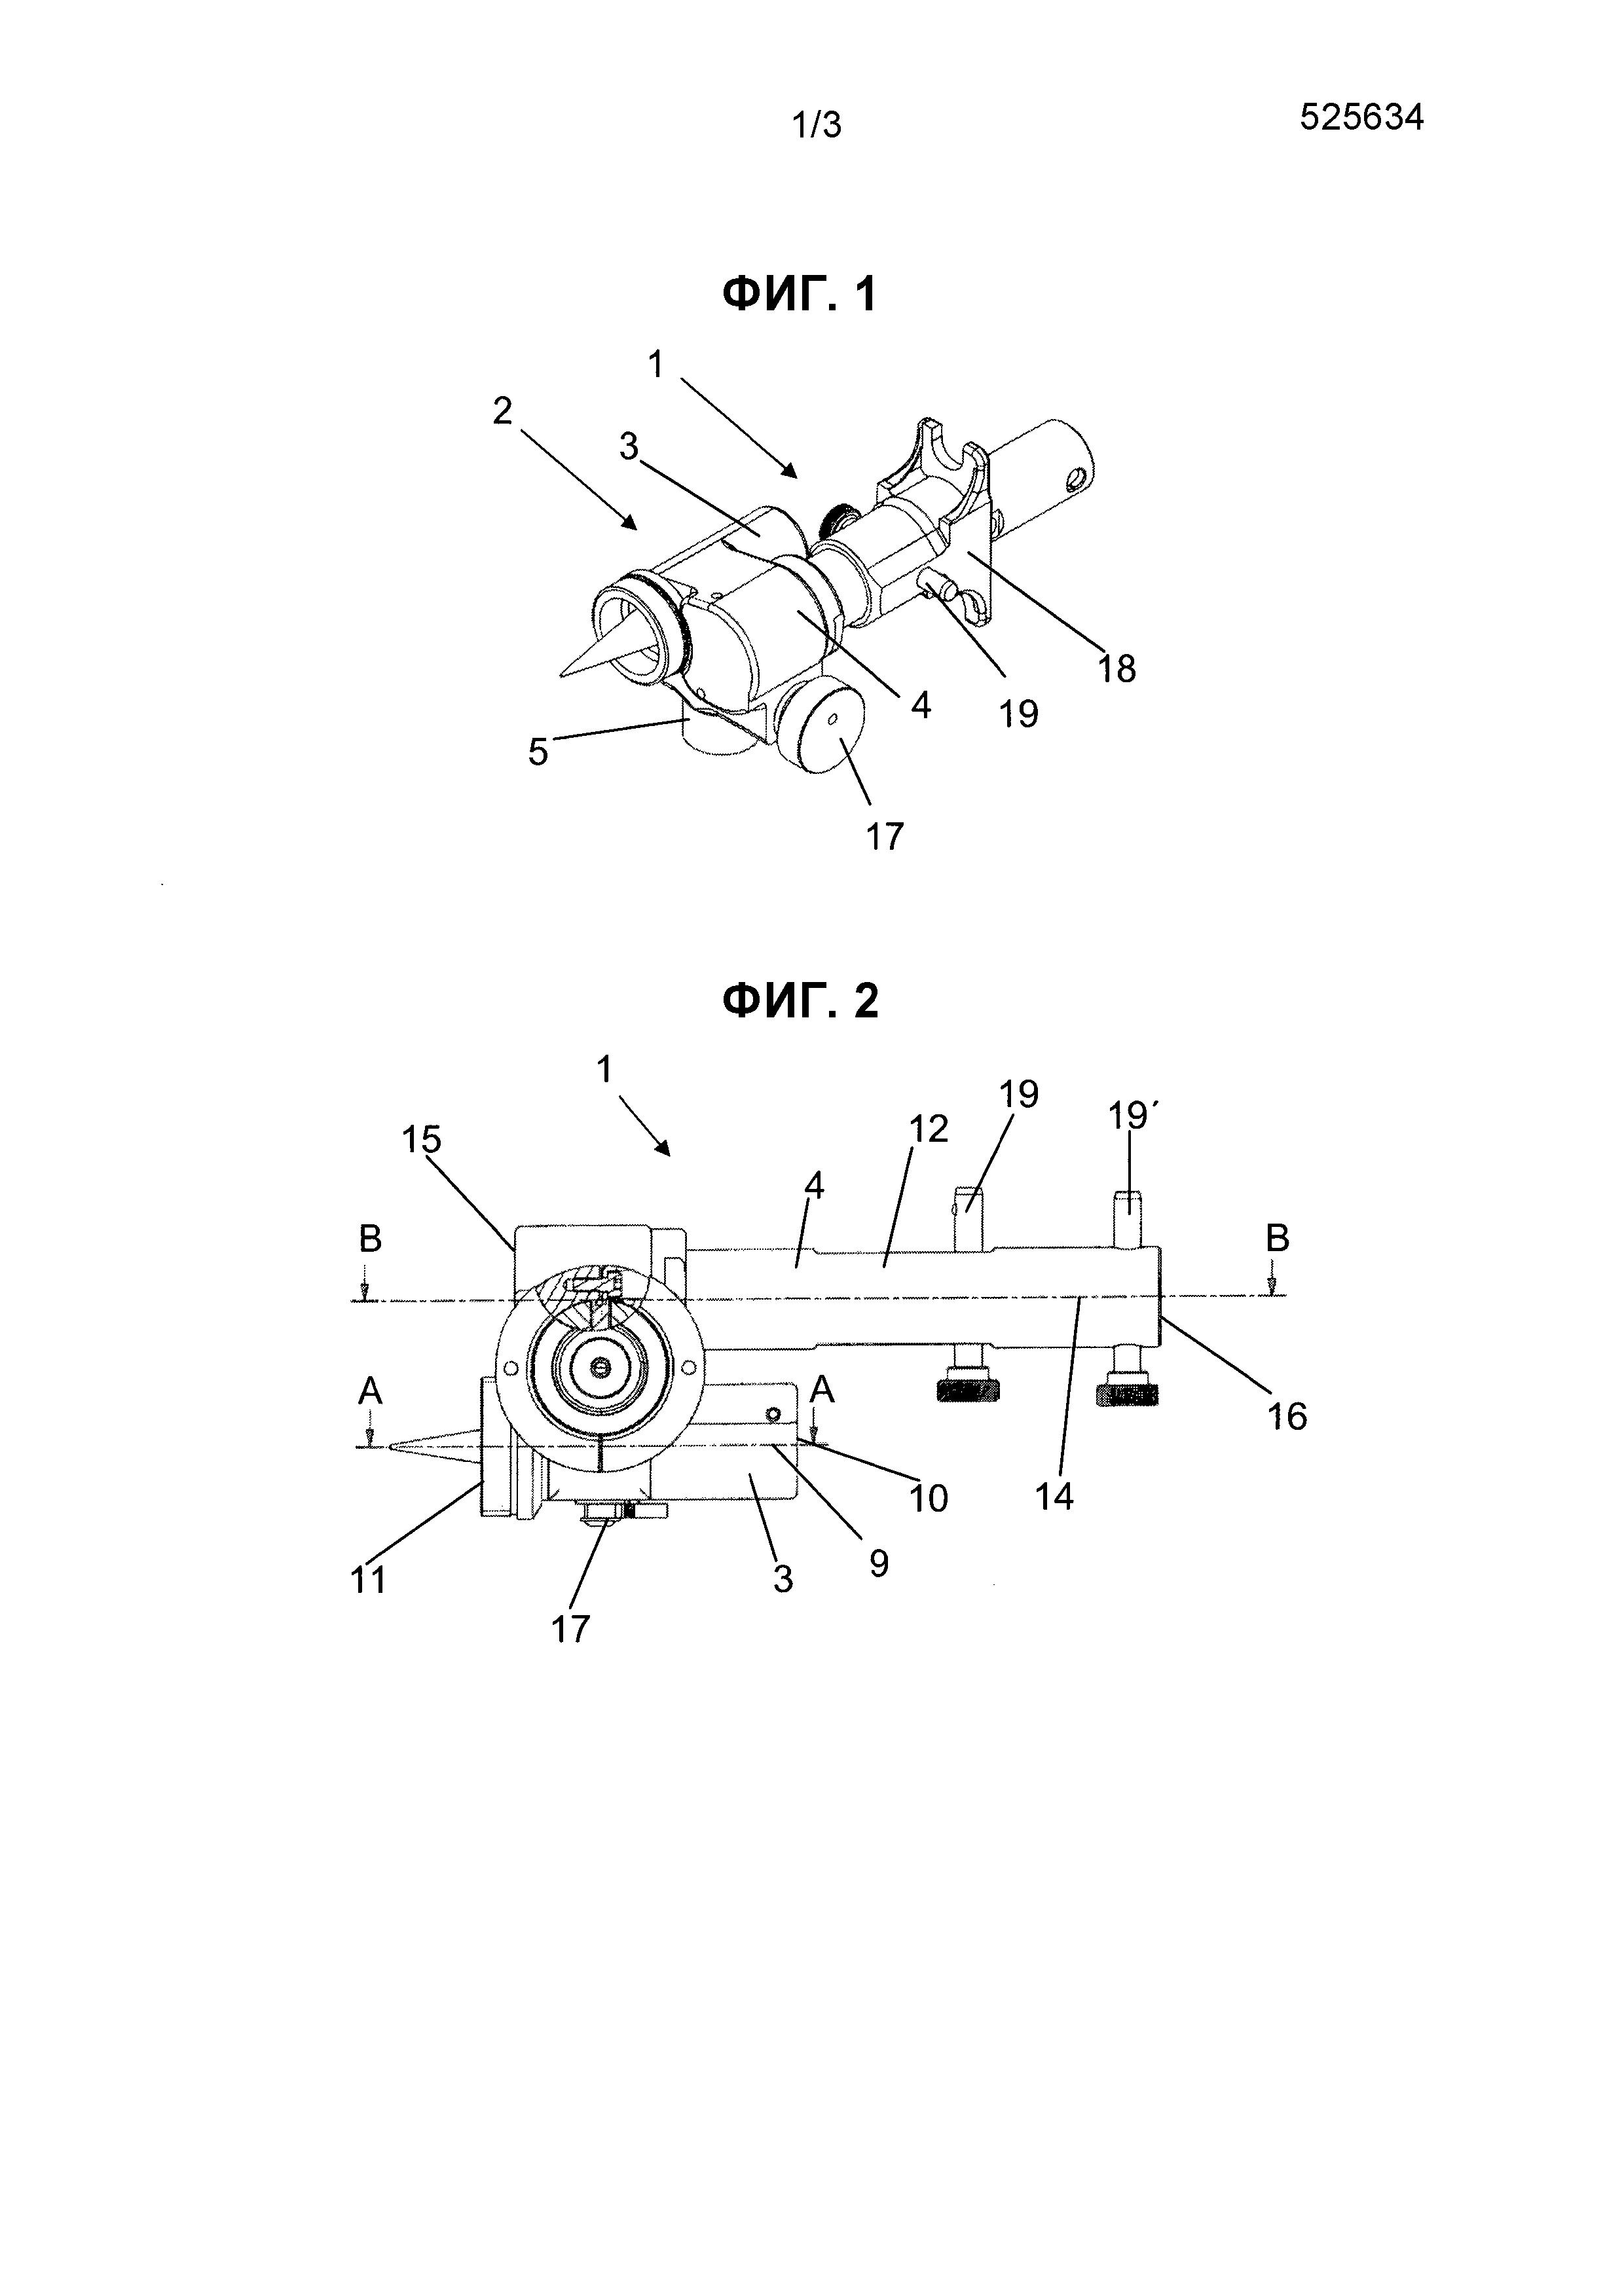 Инструмент для соединения пластиковой трубы или металлопластиковой композитной трубы с фитингом с помощью надвижной или обжимной гильзы